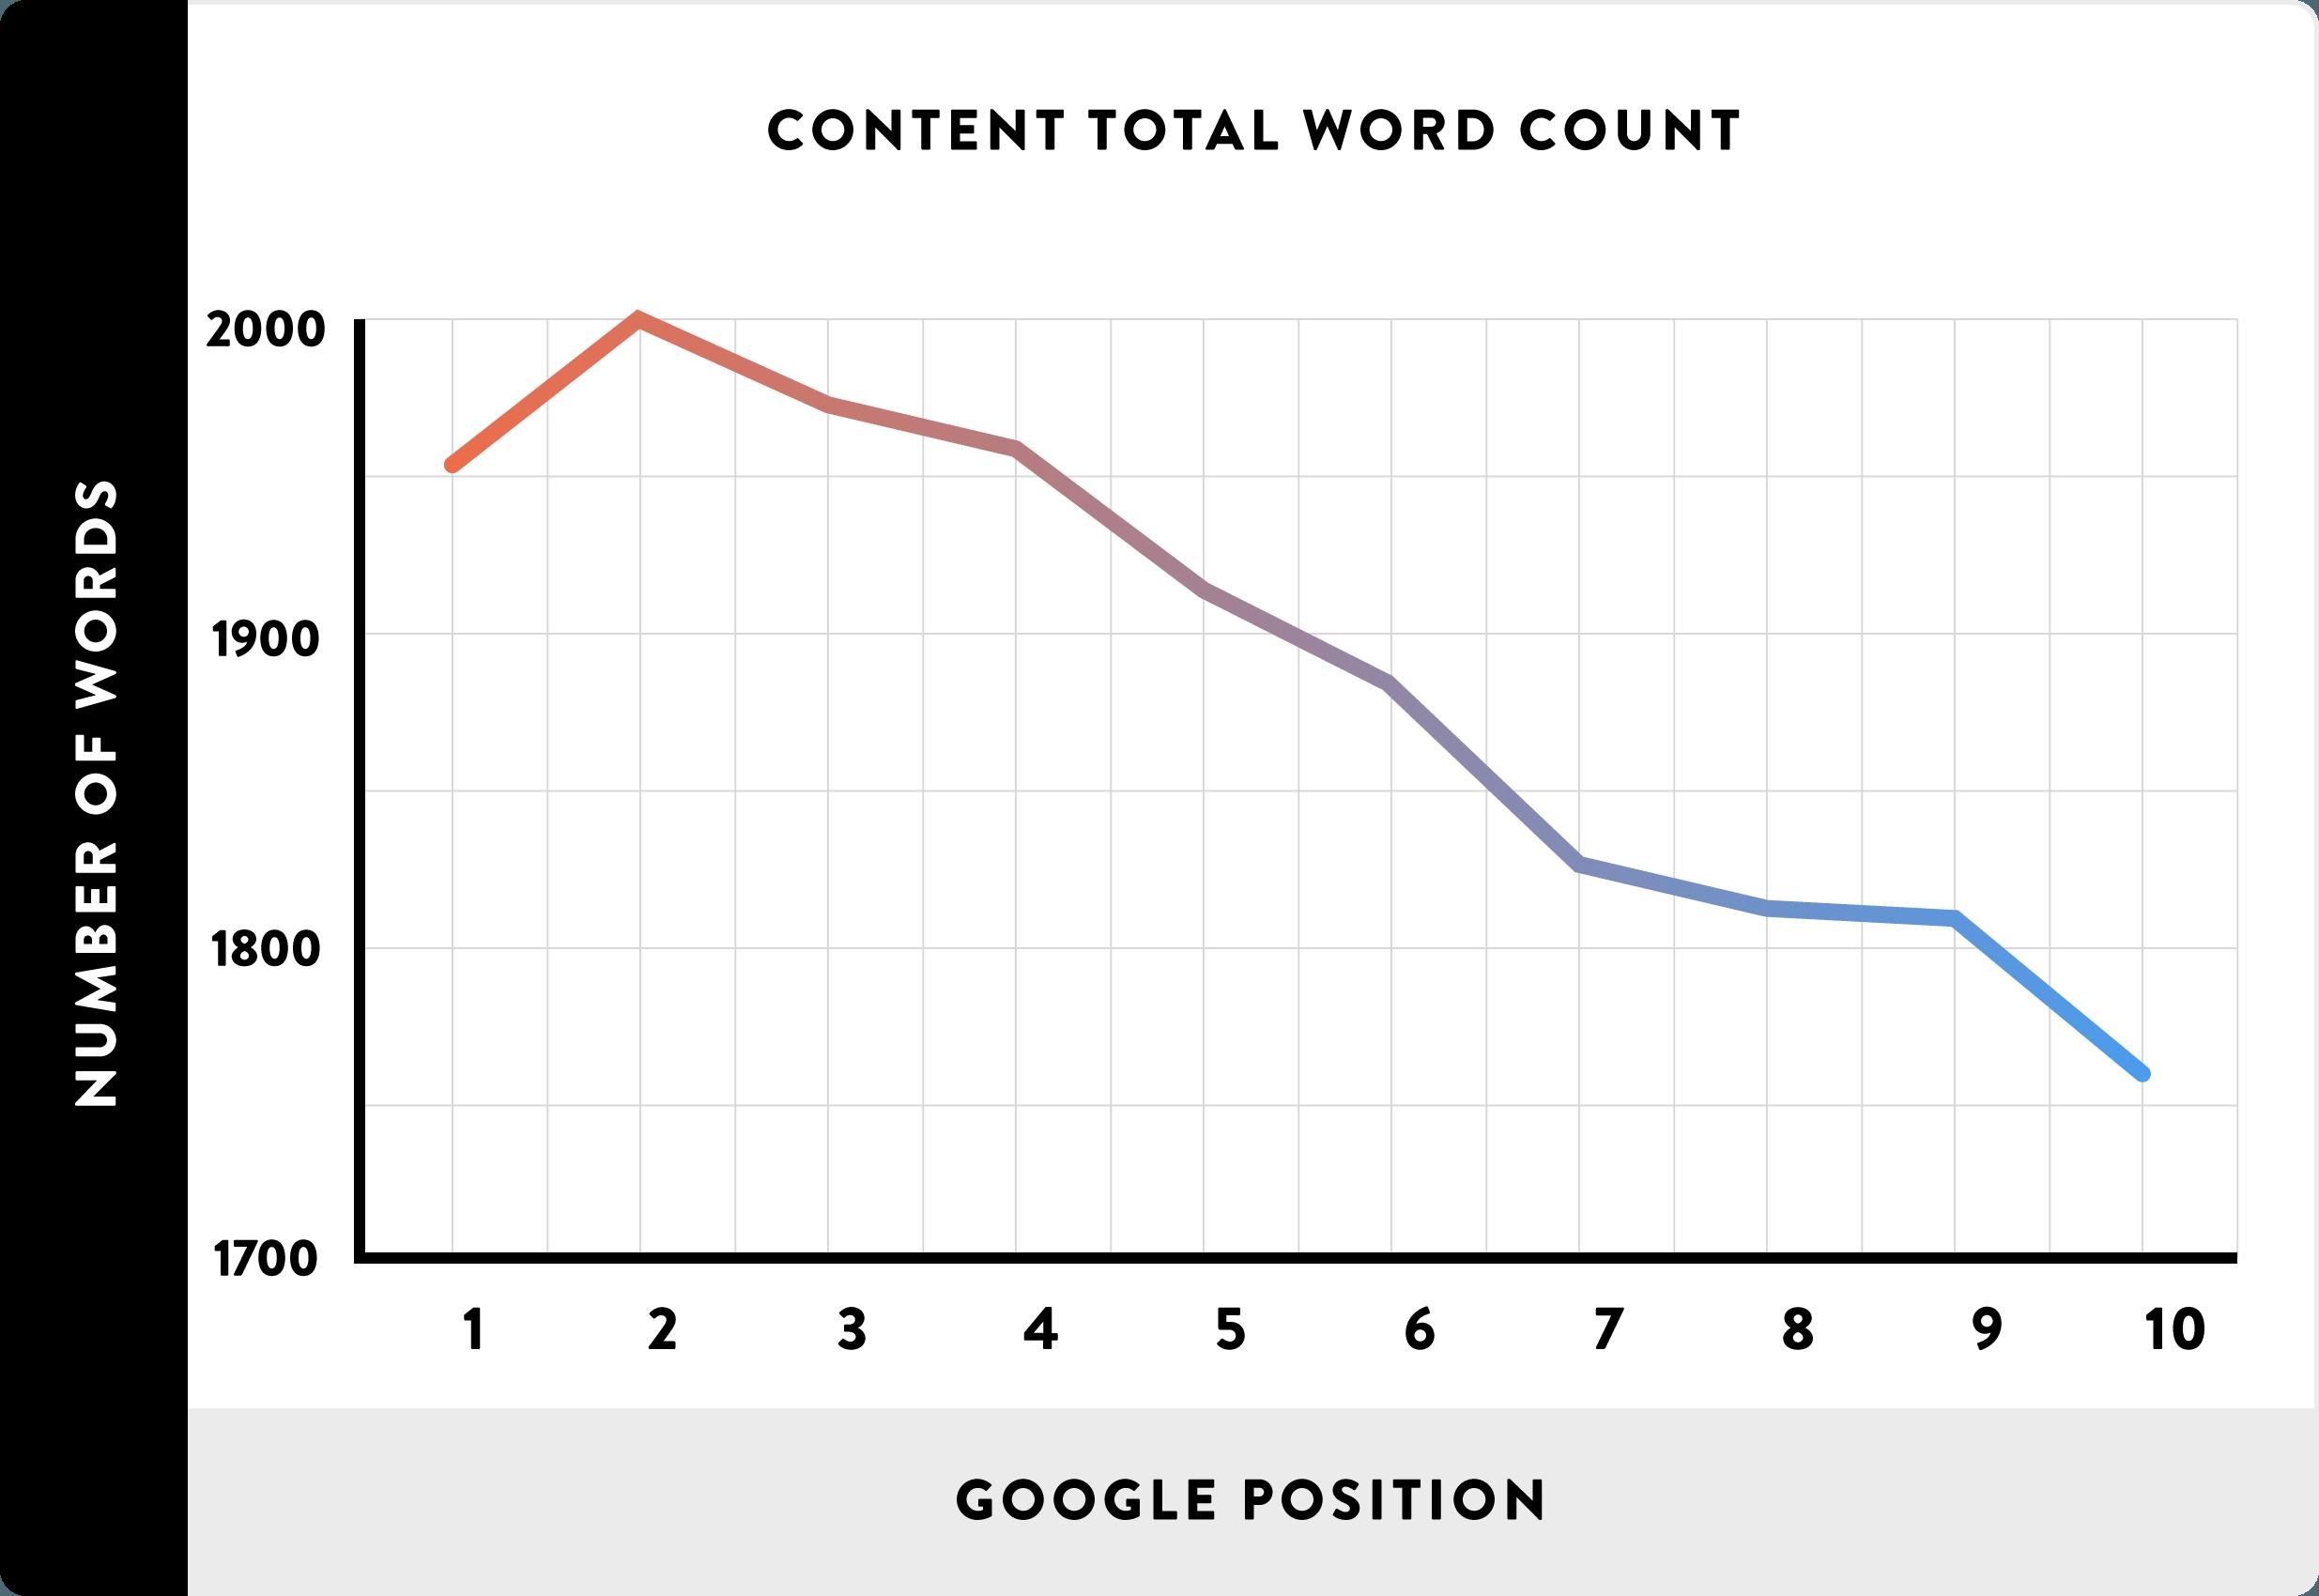 Wie lang sollte ein Blogartikel sein: Die Wort-Anzahl im Verhältnis zur Rankingposition. Je länger ein Inhalt ist, desto besser rankt er.